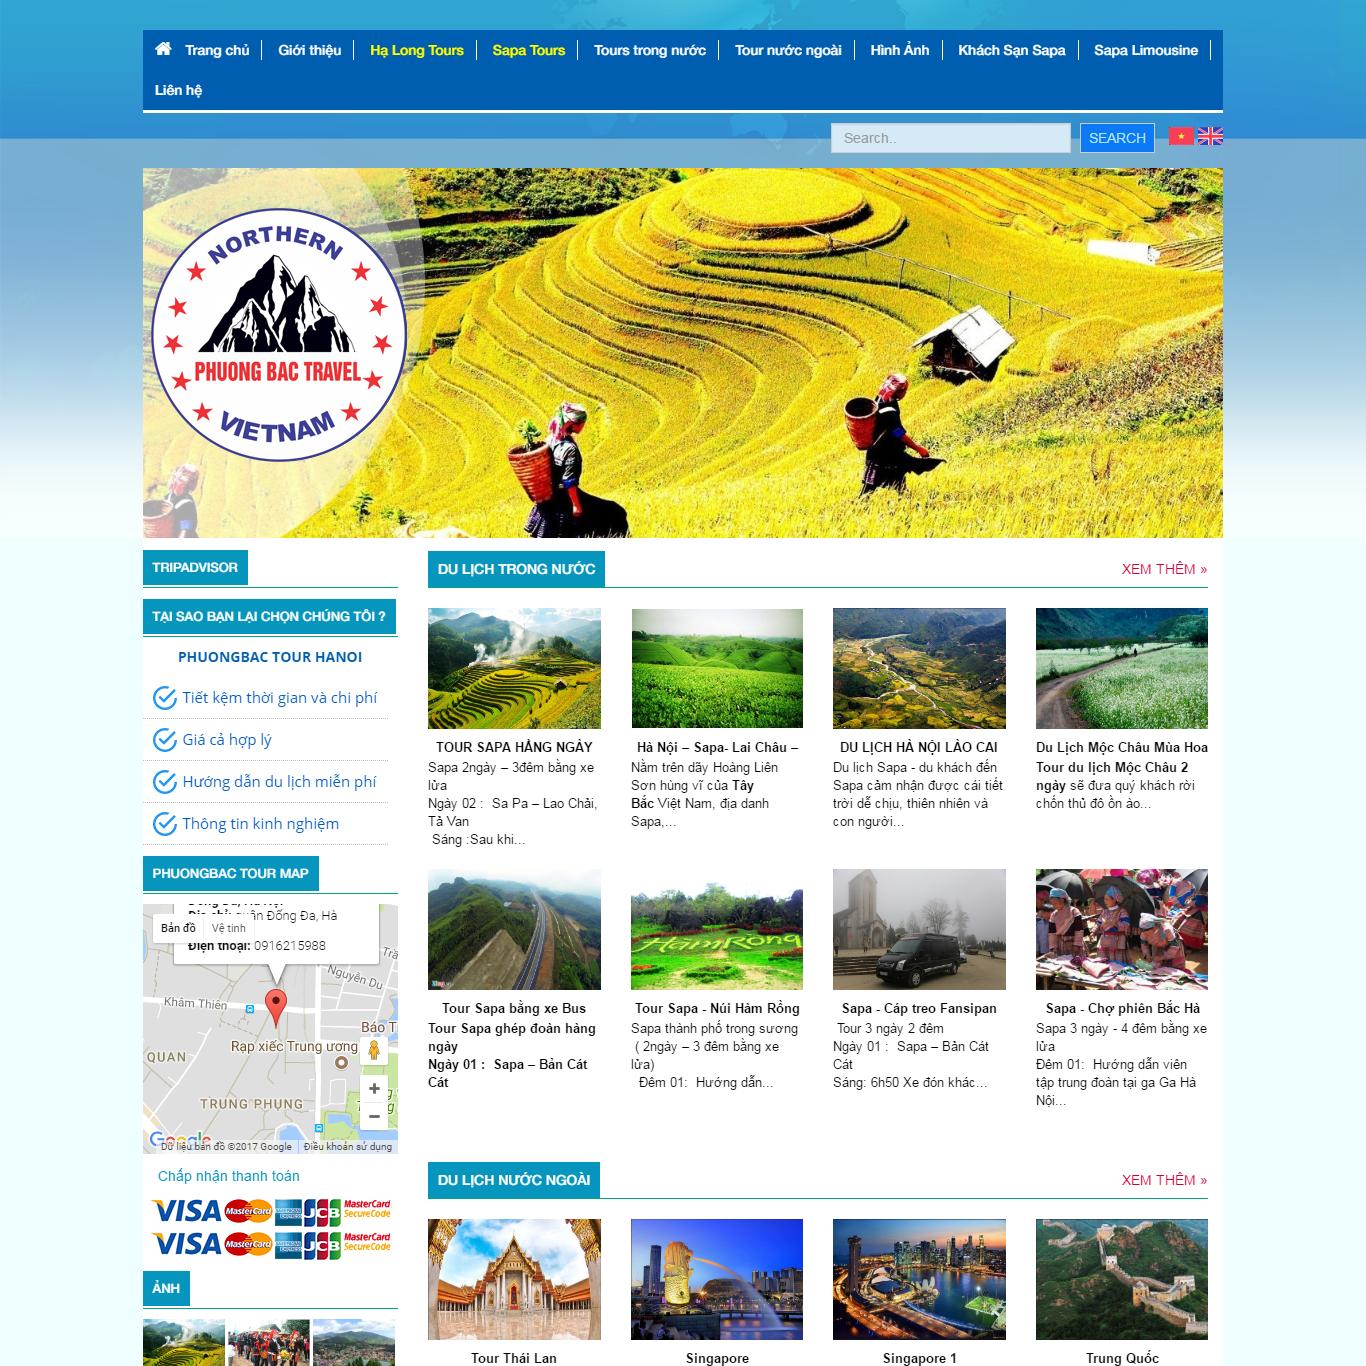 web du lịch, du lịch, tour, mẫu web du lịch, du lich